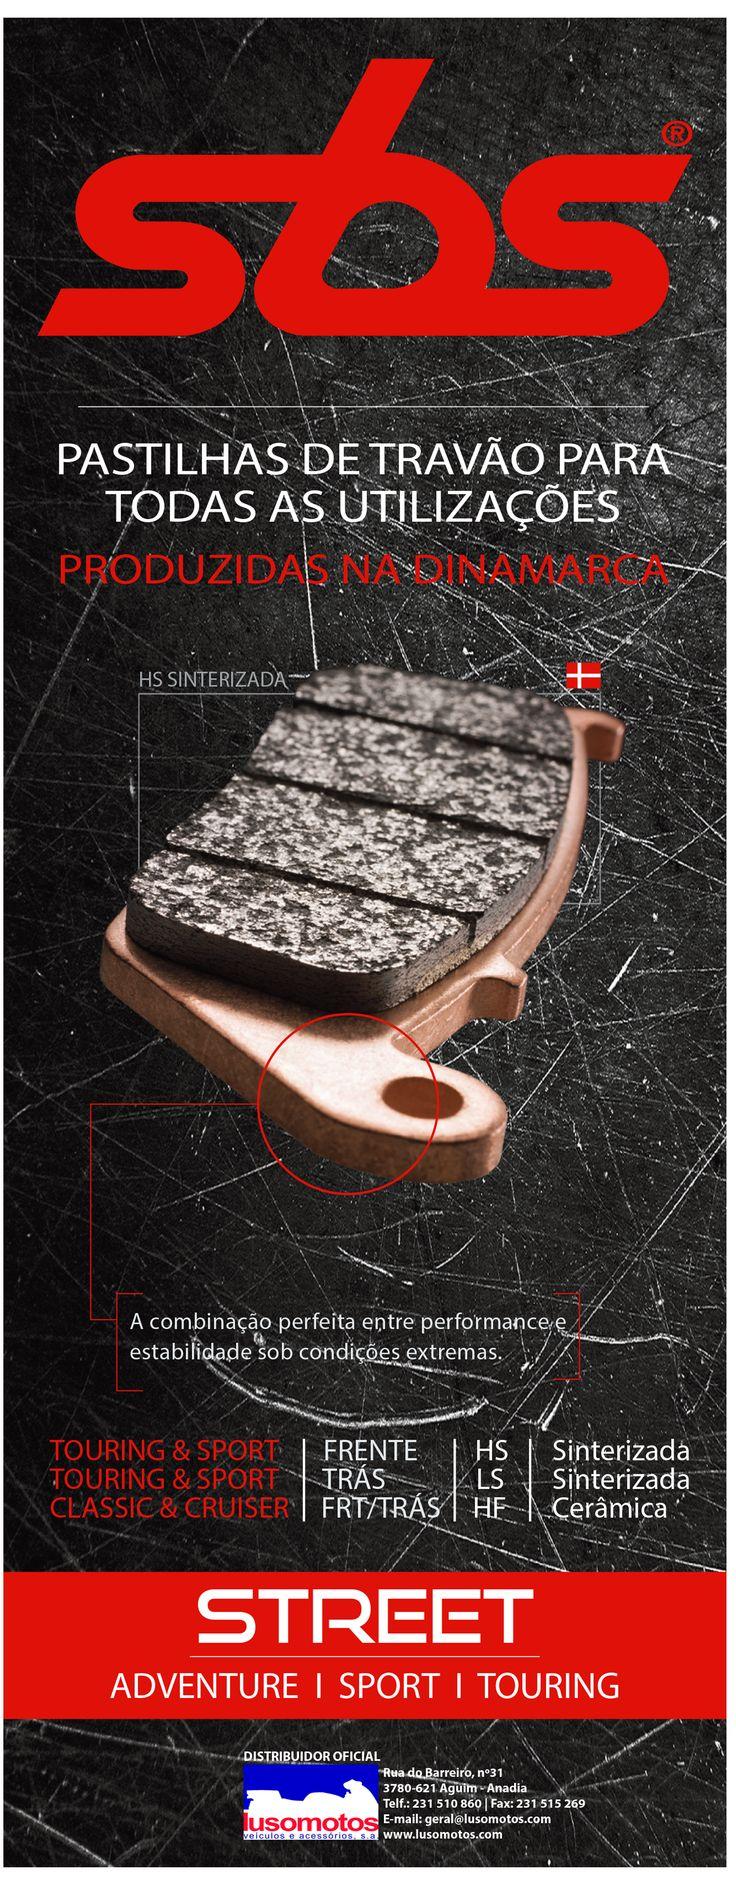 SBS | Pastilhas de Travão para todas as utilizações produzidas na Dinamarca Já escolheu as suas? Fale connosco! #lusomotos #sbs #dinamarca #pastilhasdetravão